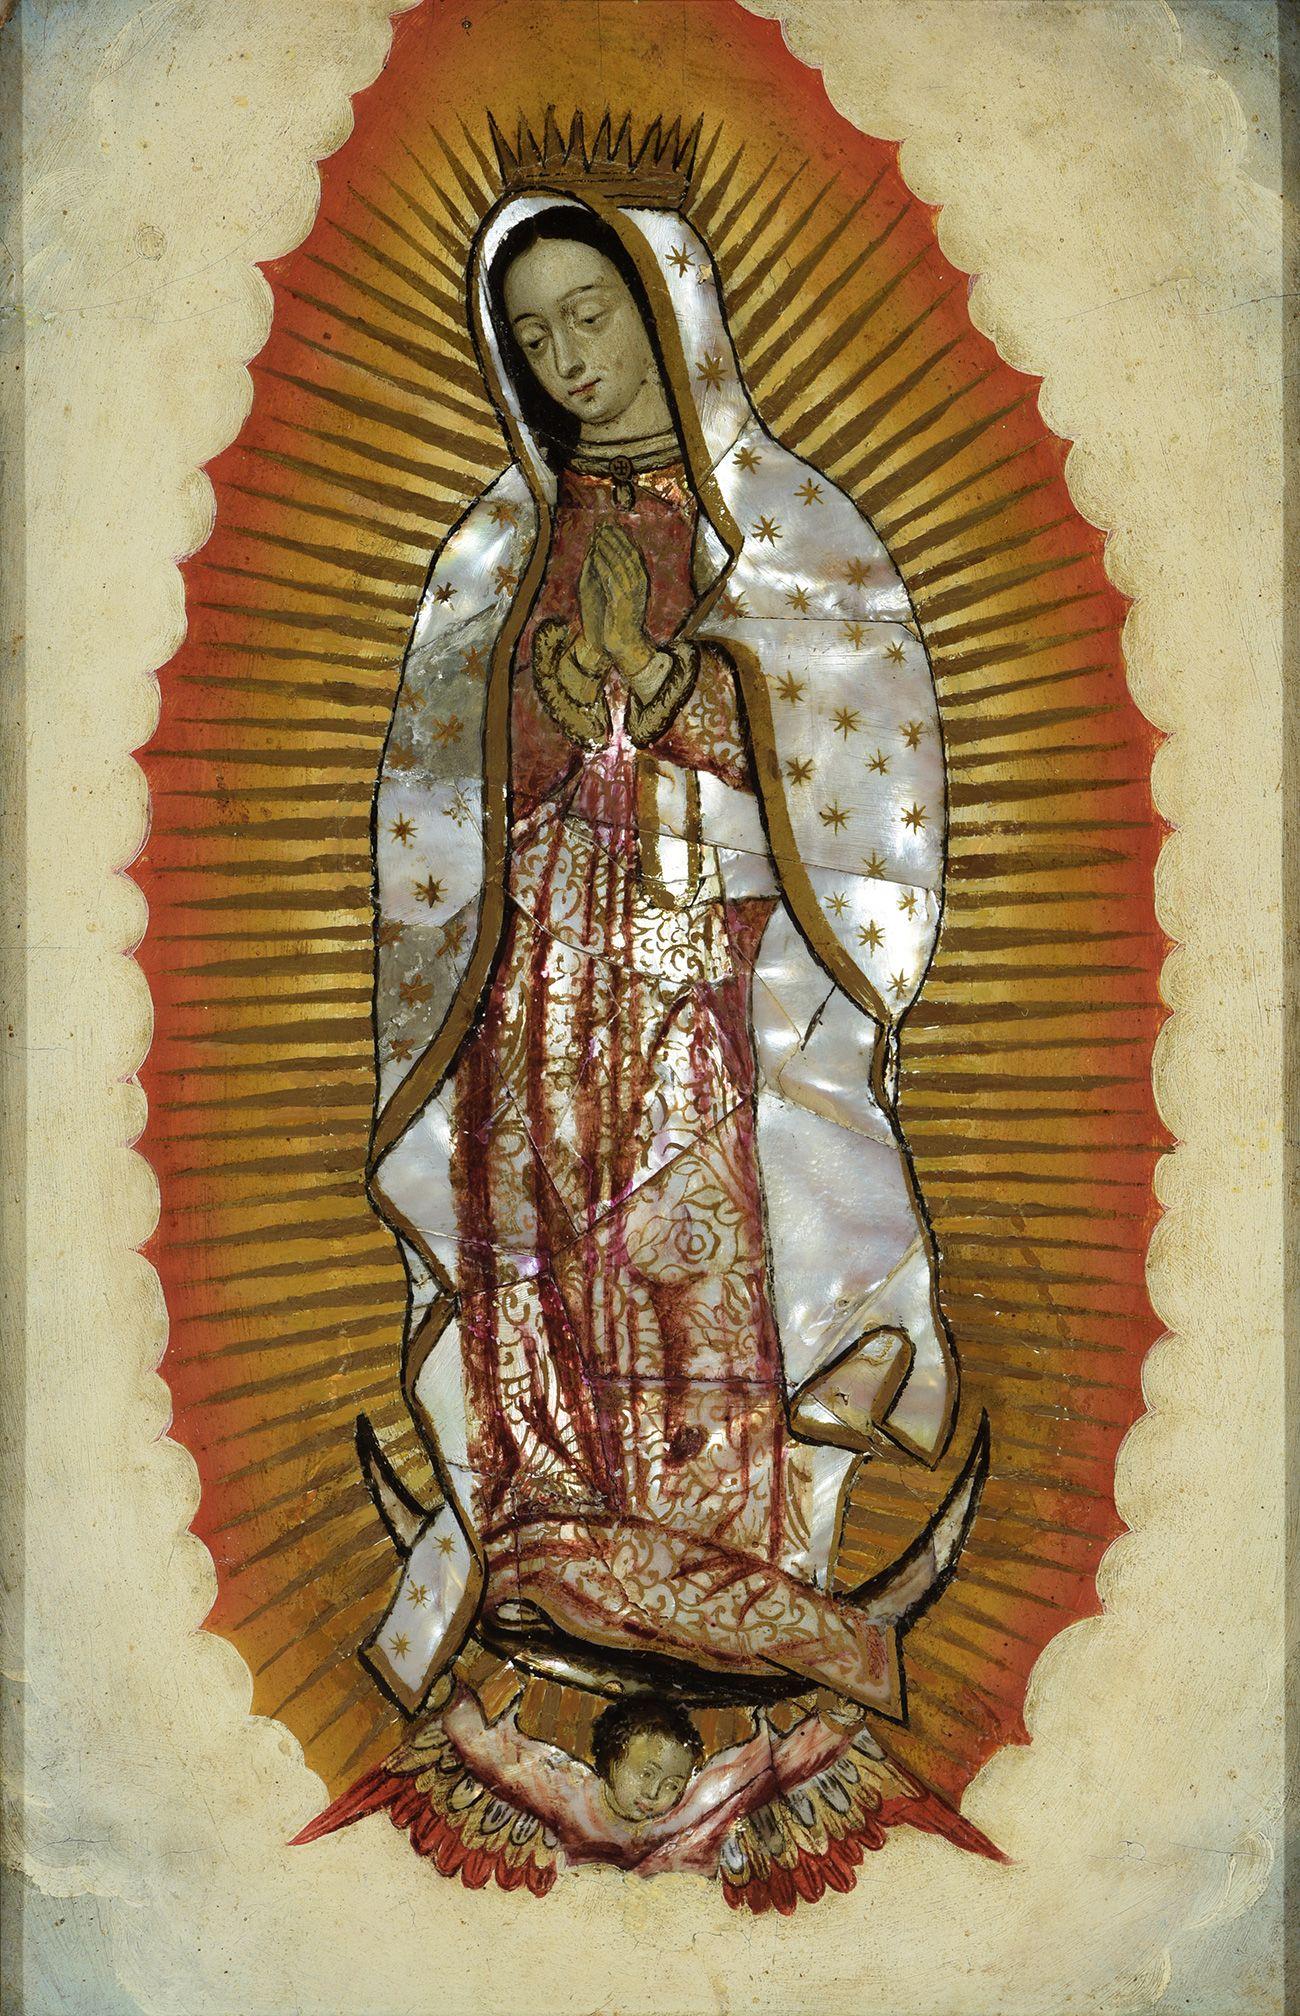 Grandes Milagros de la Virgen de Guadalupe